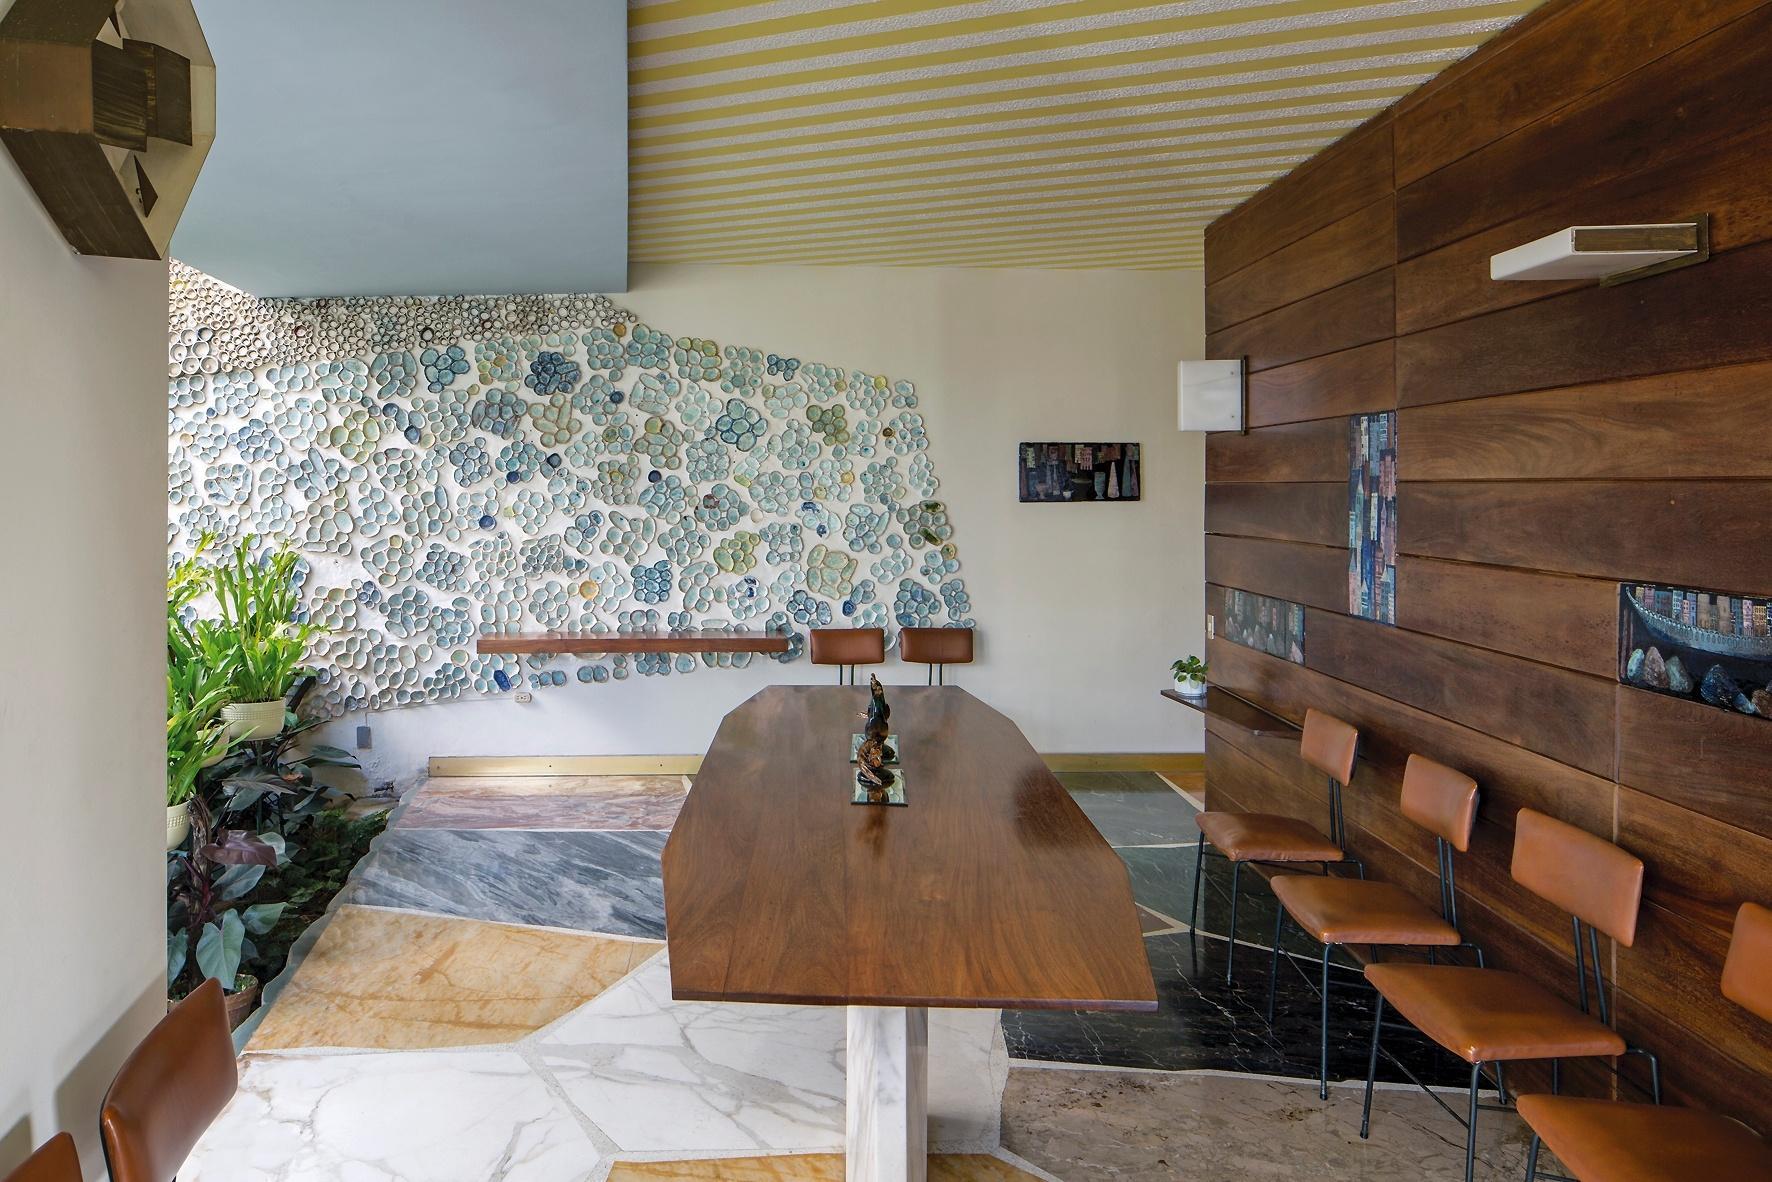 O pátio interno da Villa Planchart em Caracas mostra a habilidade de Gio Ponti para harmonizar materiais com cores e texturas diferentes e obras de arte, como o painel cerâmico (ao fundo), do artista-plástico italiano Fausto Melotti. No ambiente, uma grande mesa de jantar de madeira com base de mármore